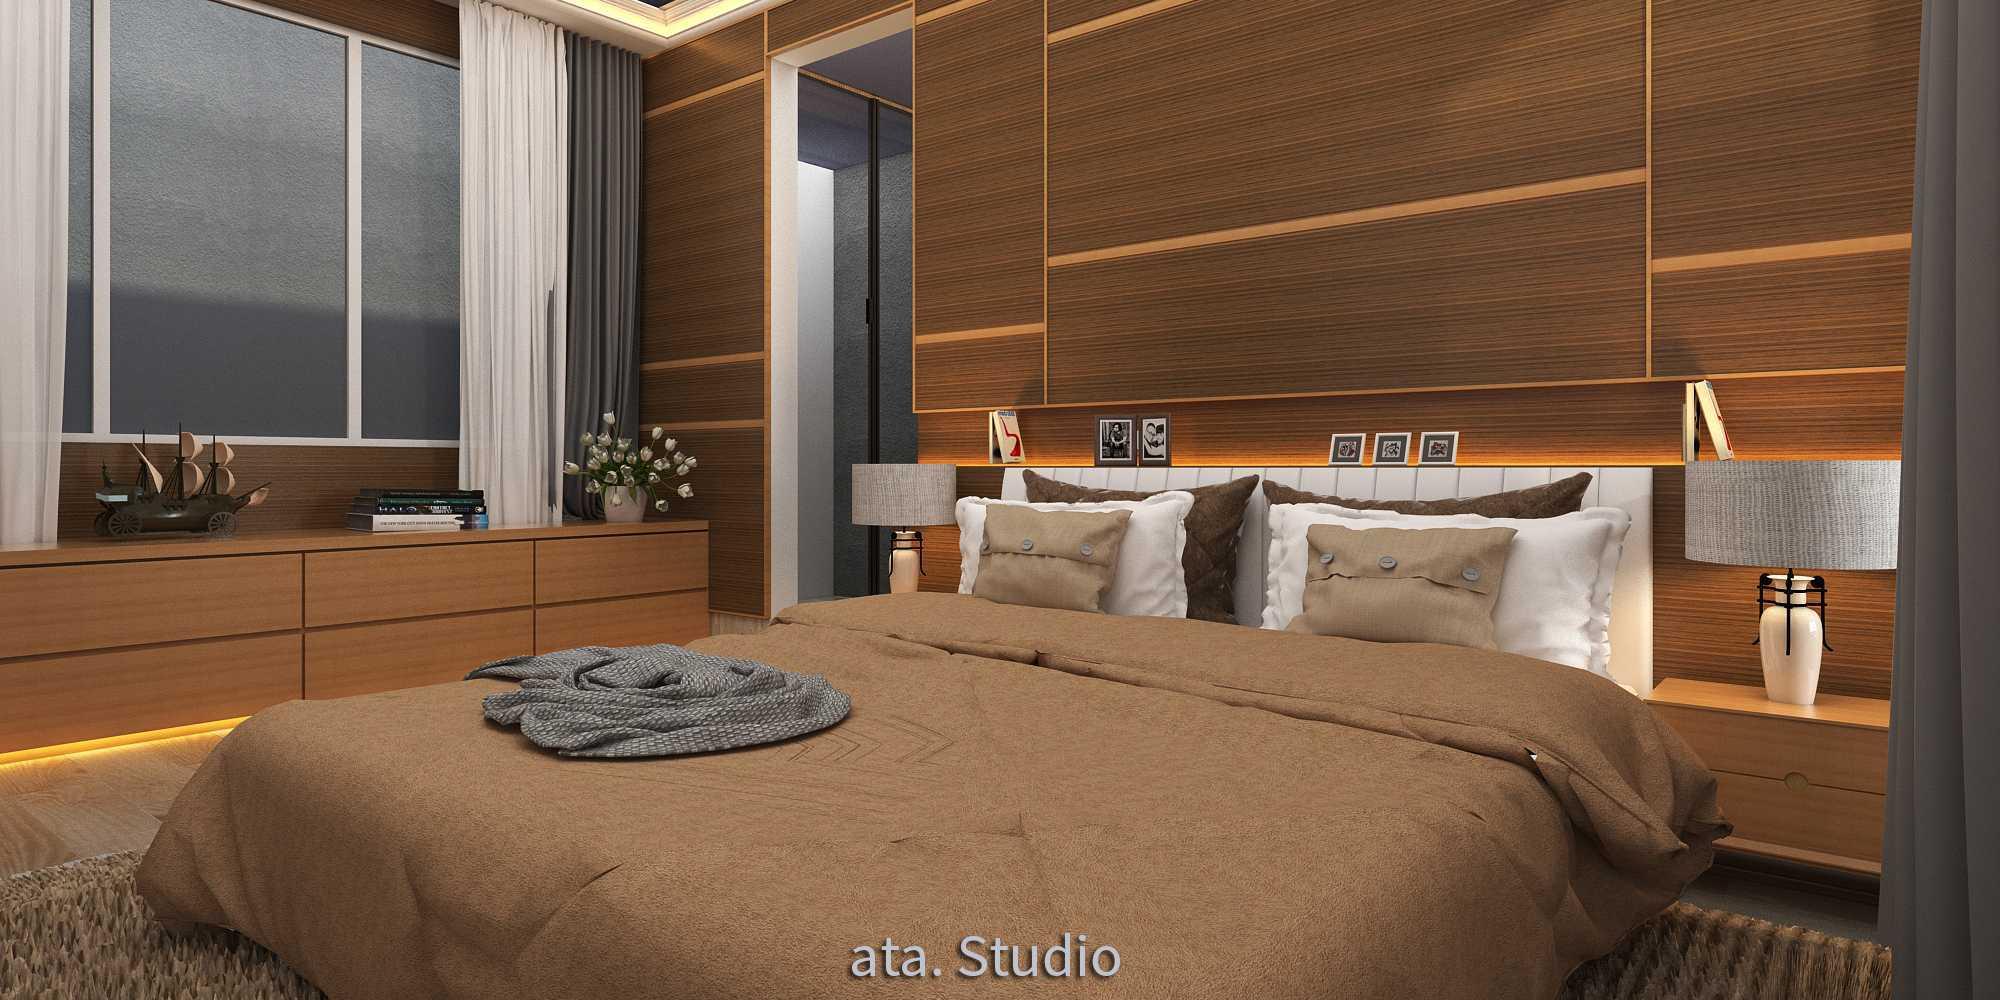 Ata. Studio A-House Kec. Anyar, Serang, Banten, Indonesia Kec. Anyar, Serang, Banten, Indonesia Ata-Studio-A-House  85679